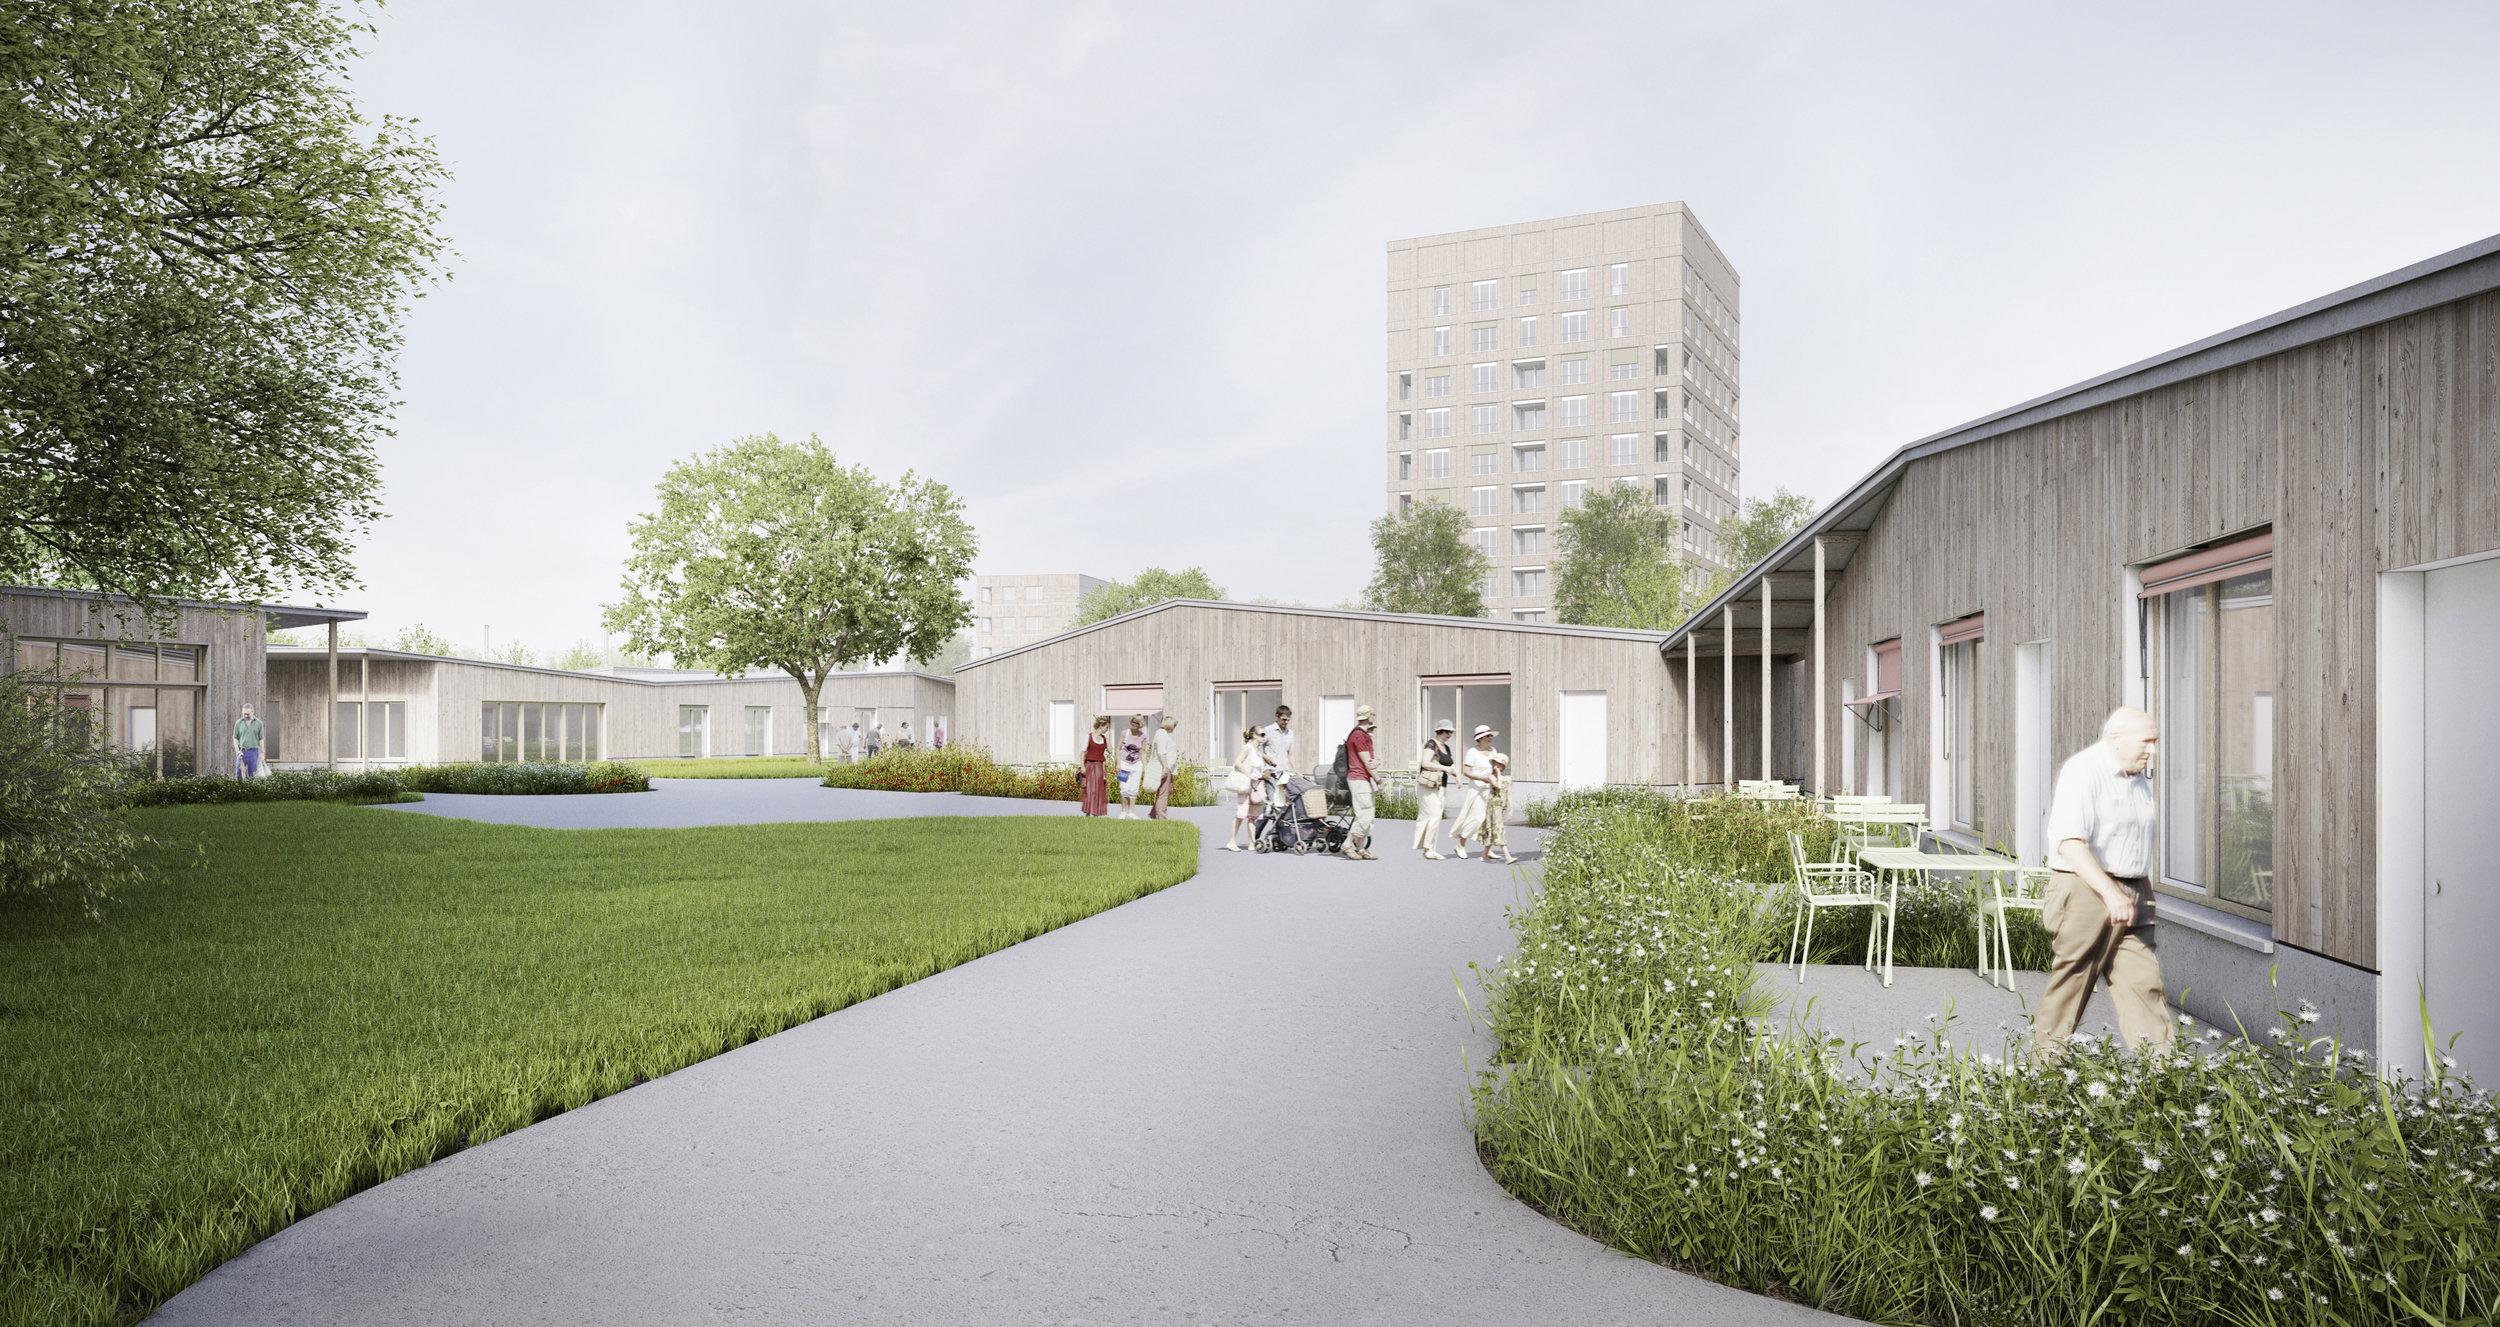 Links situeren zich tuinwoningen en rechts de woningen van MPI Oosterlo.